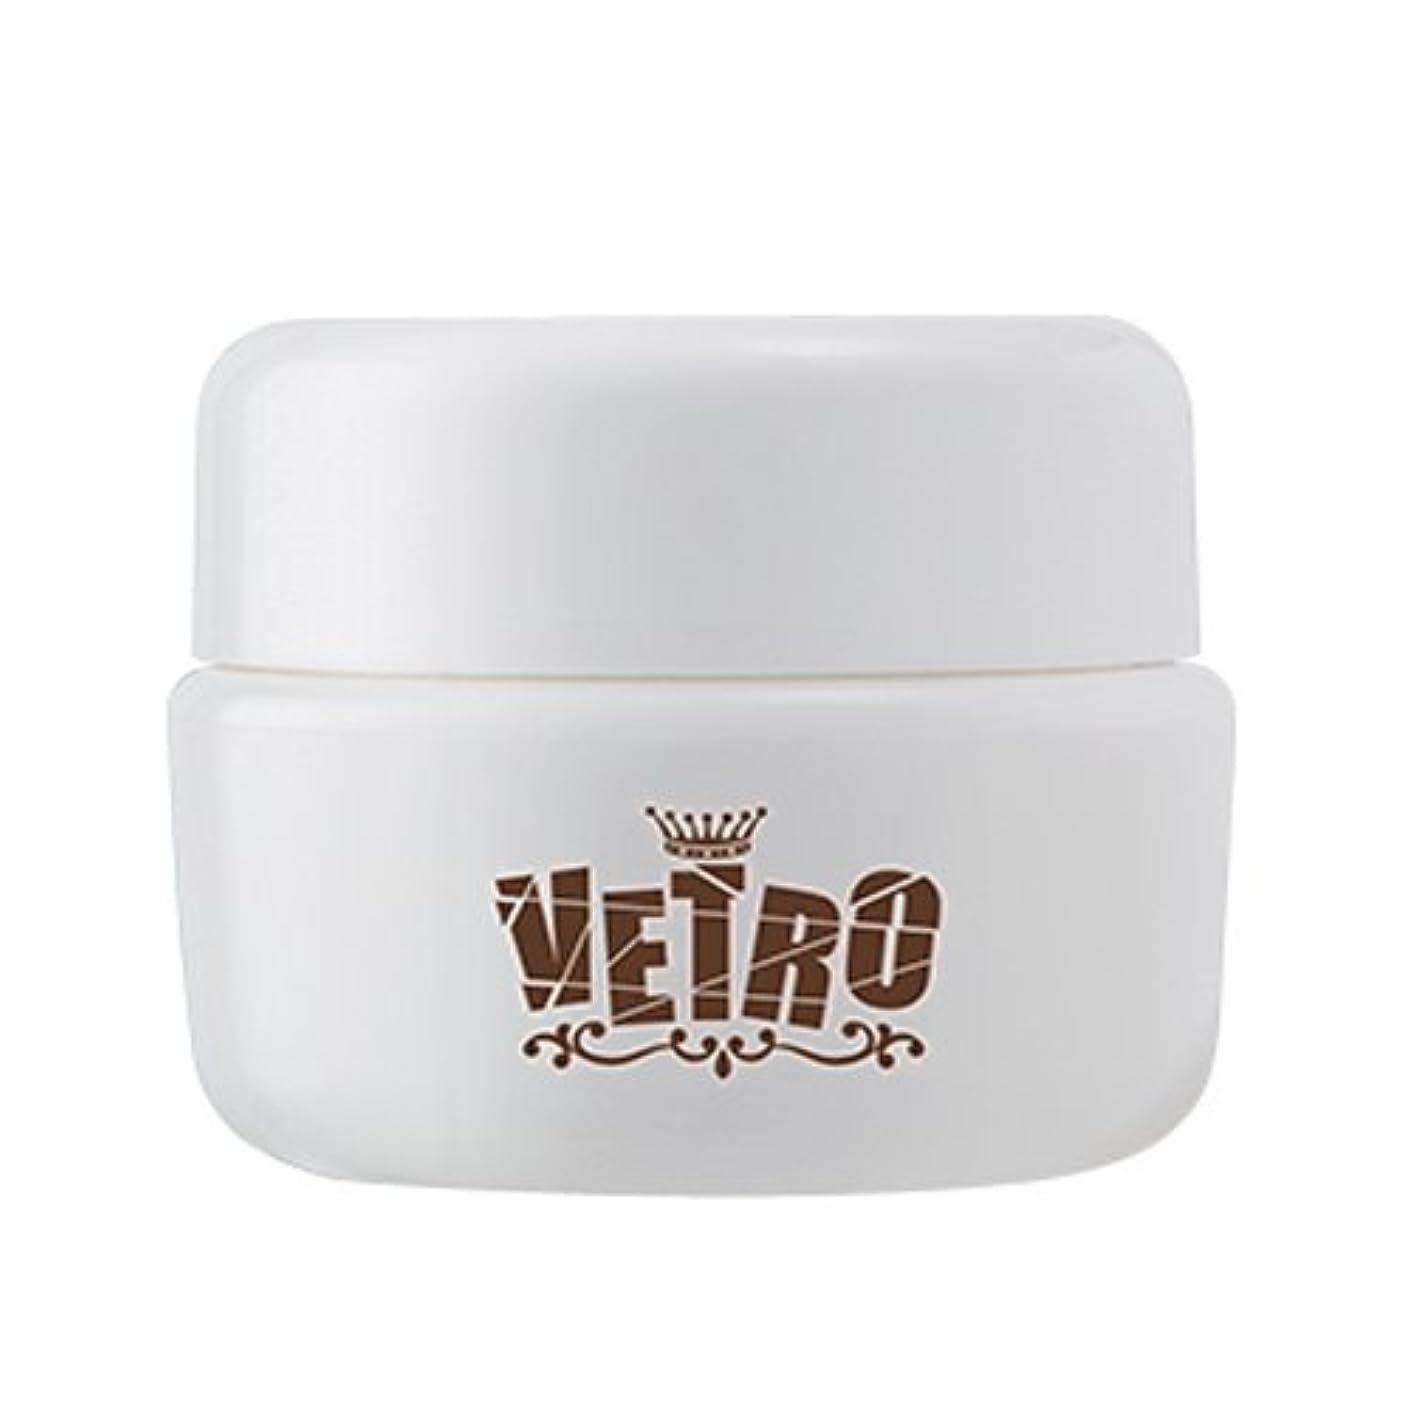 に負ける活力銛VETRO ベトロ NO.19 カラージェル 4ml VL176シャイニーレッド